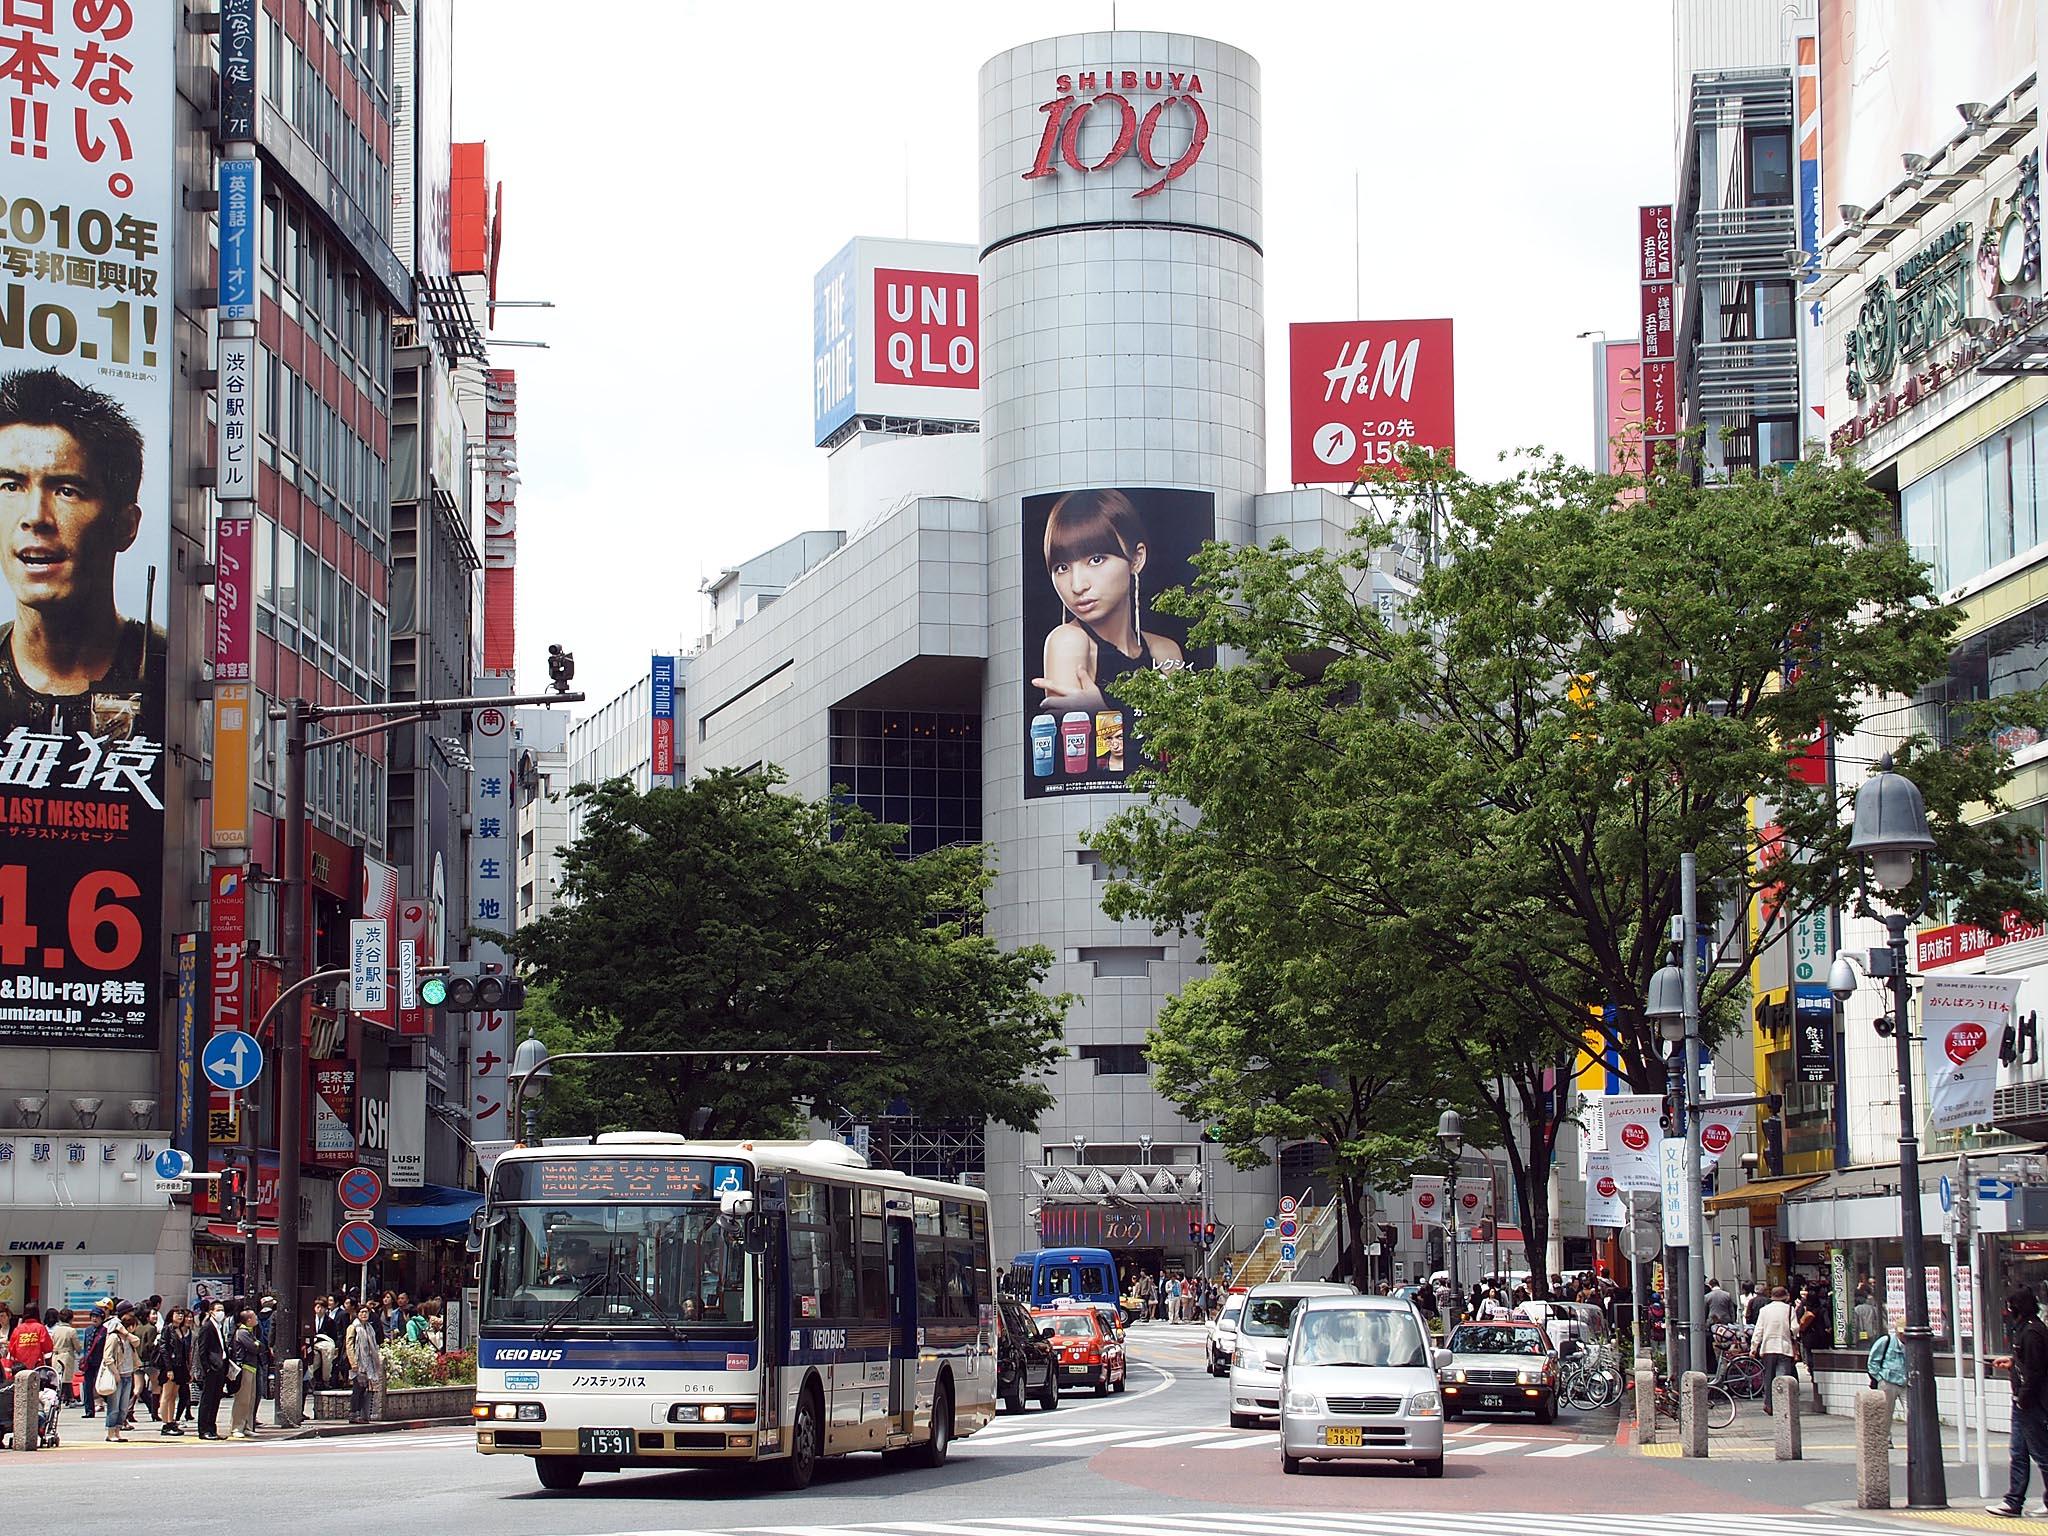 日本のスタートアップ・シーンをリードしてきた渋谷。ここで働くIT系人材の中から政府の戦略に関わる人々は出てくるのだろうか。 (By Comyu - 投稿者自身による作品, CC 表示-継承 3.0, https://commons.wikimedia.org/w/index.php?curid=17796023)